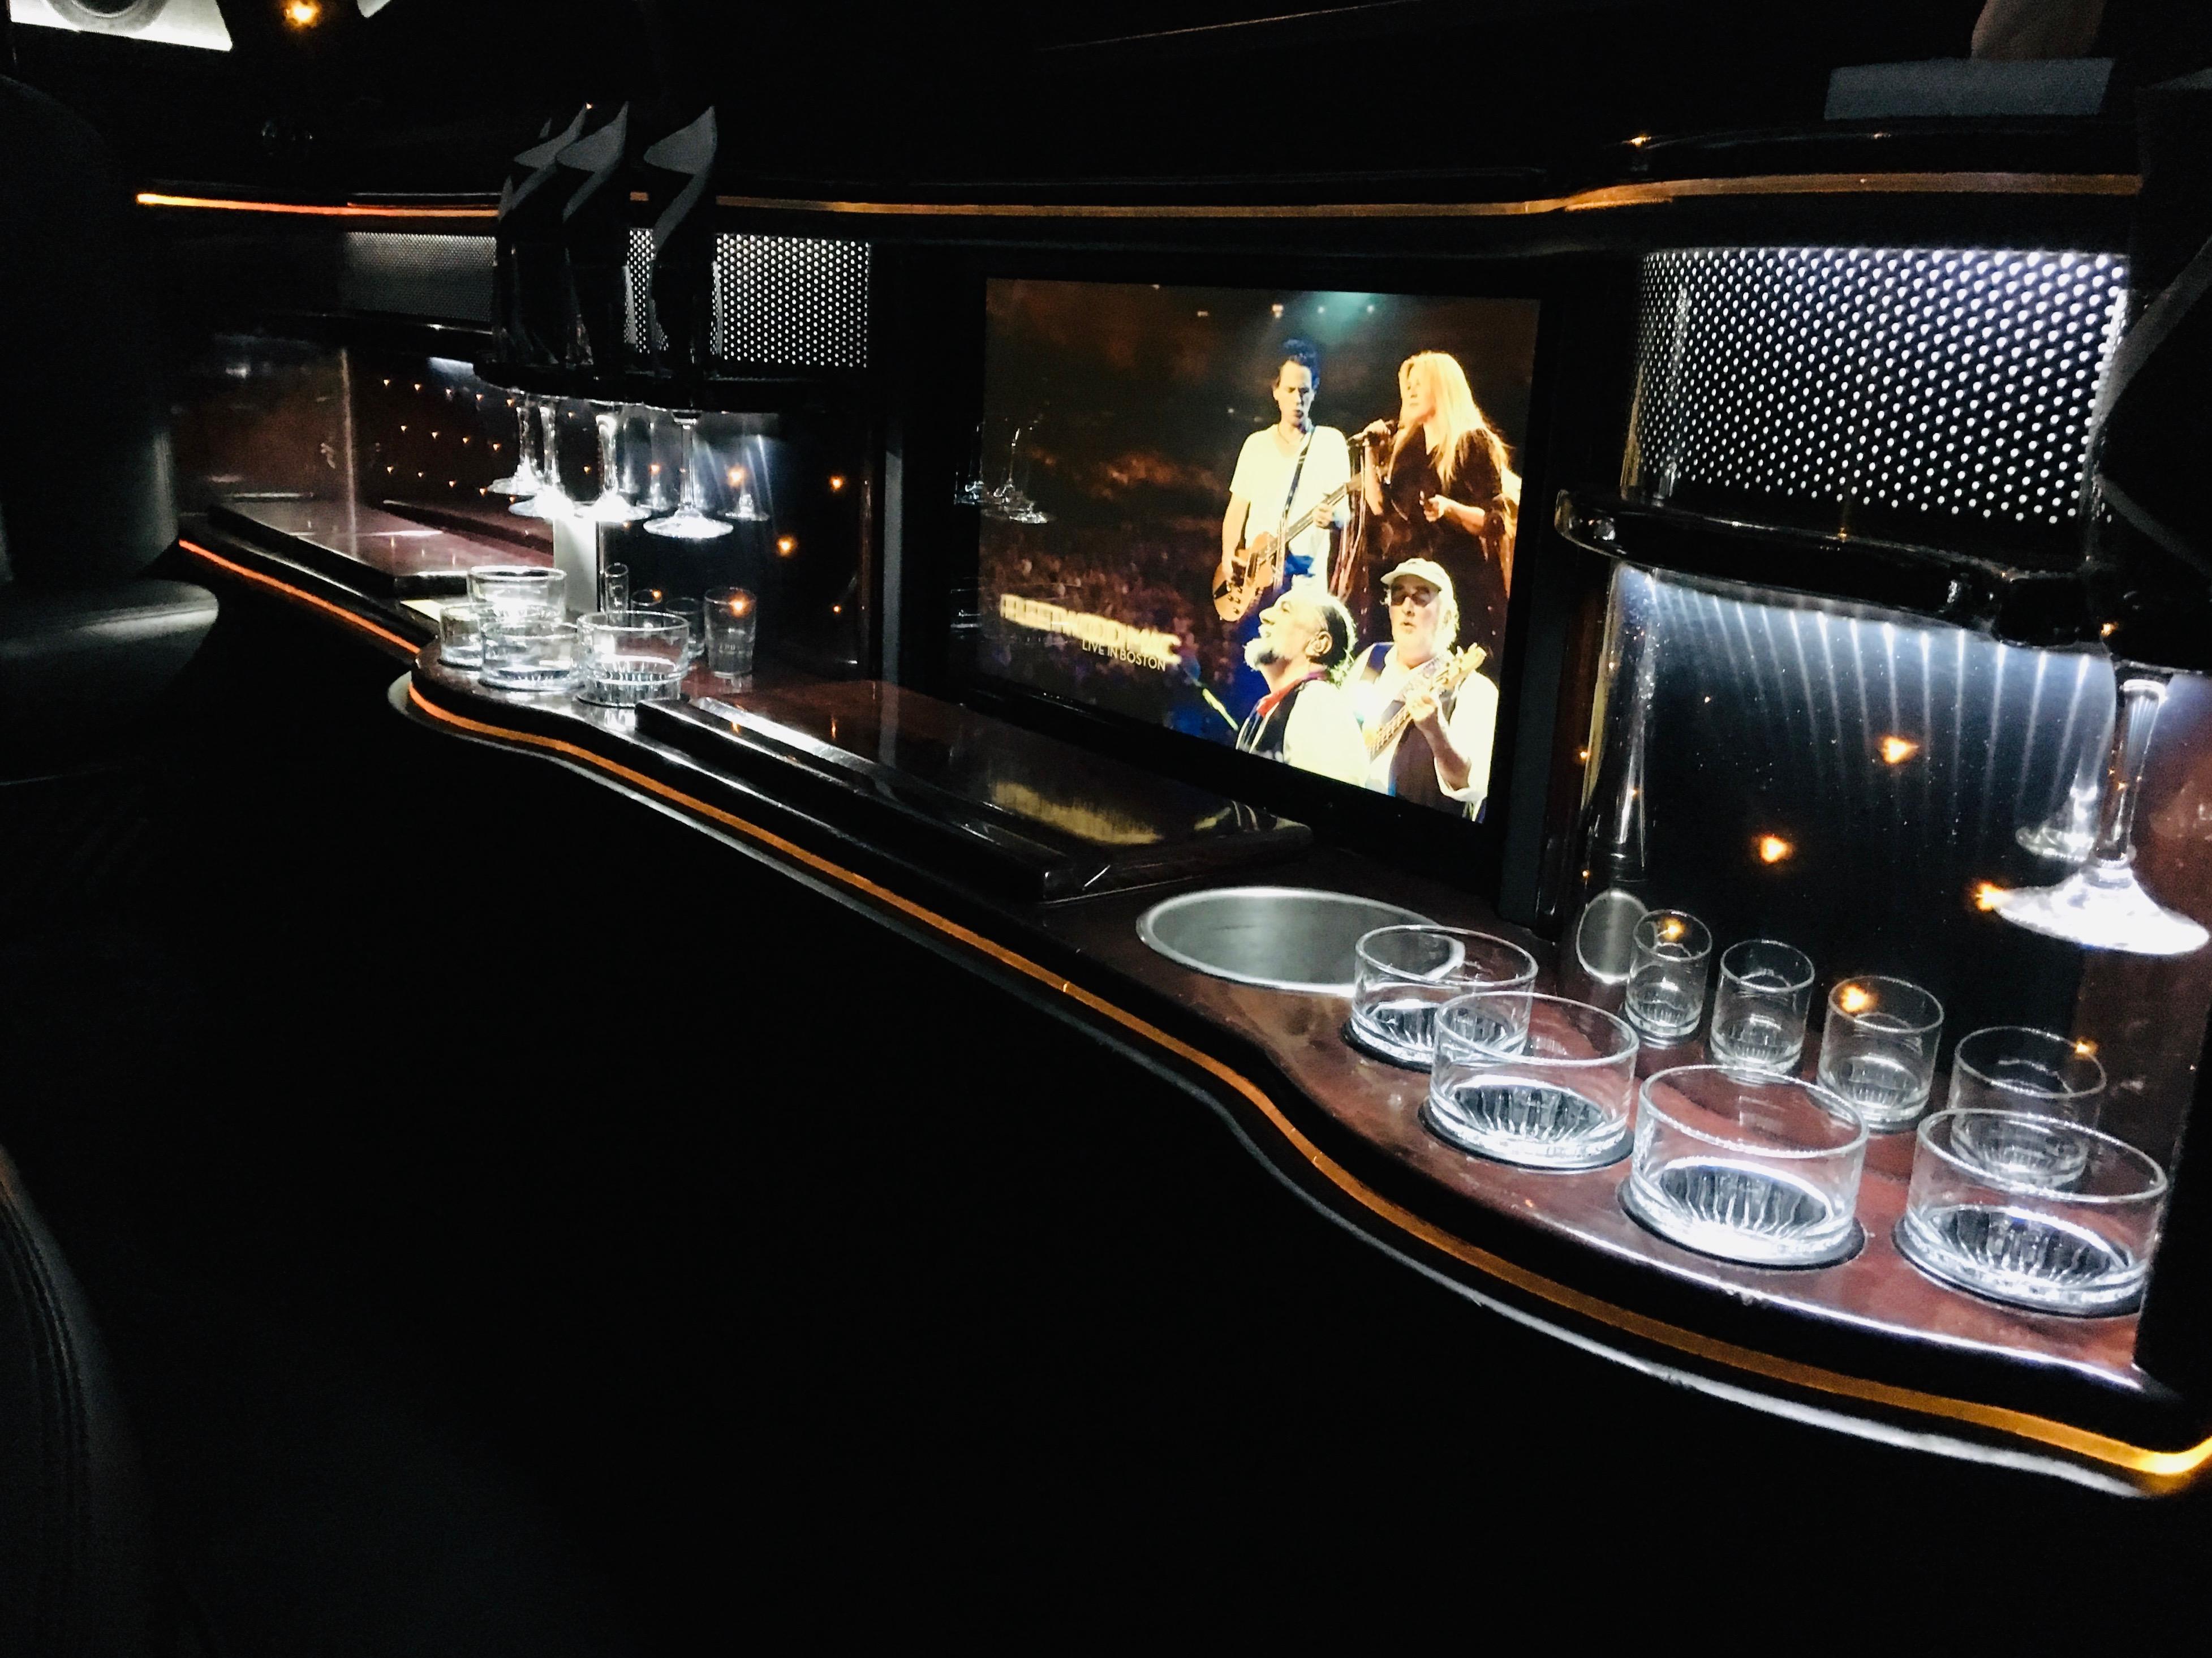 Blk Lincoln MKT 10 passenger interior ba